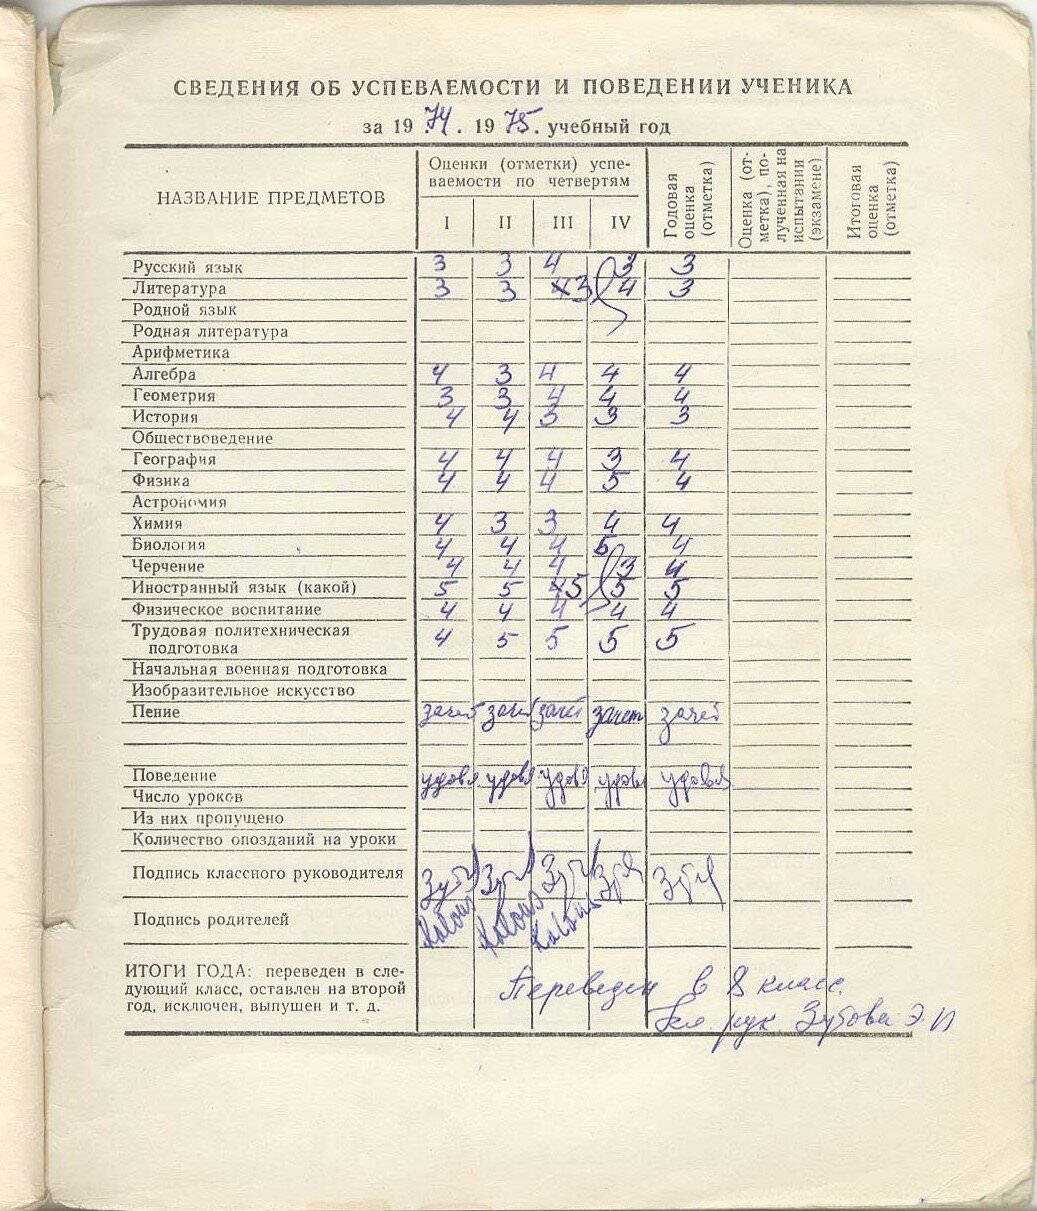 069. 1974-1975. 7 класс. Сведения об успеваемости